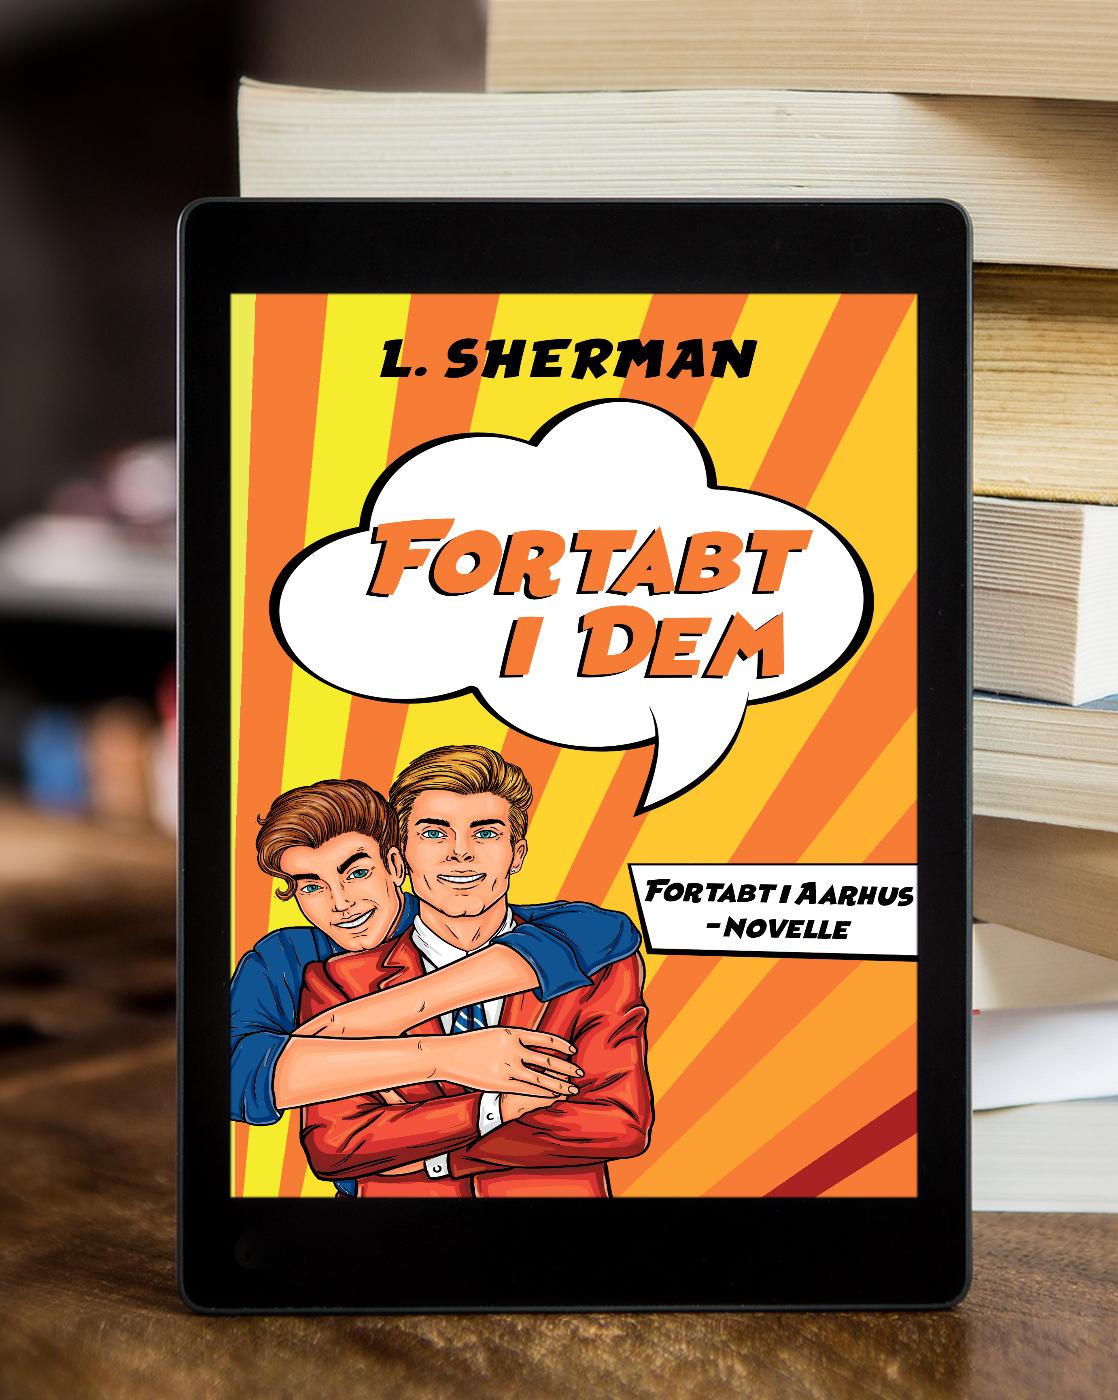 Fortabt i dem - Fortabt i Aarhus Novelle af L. Sherman